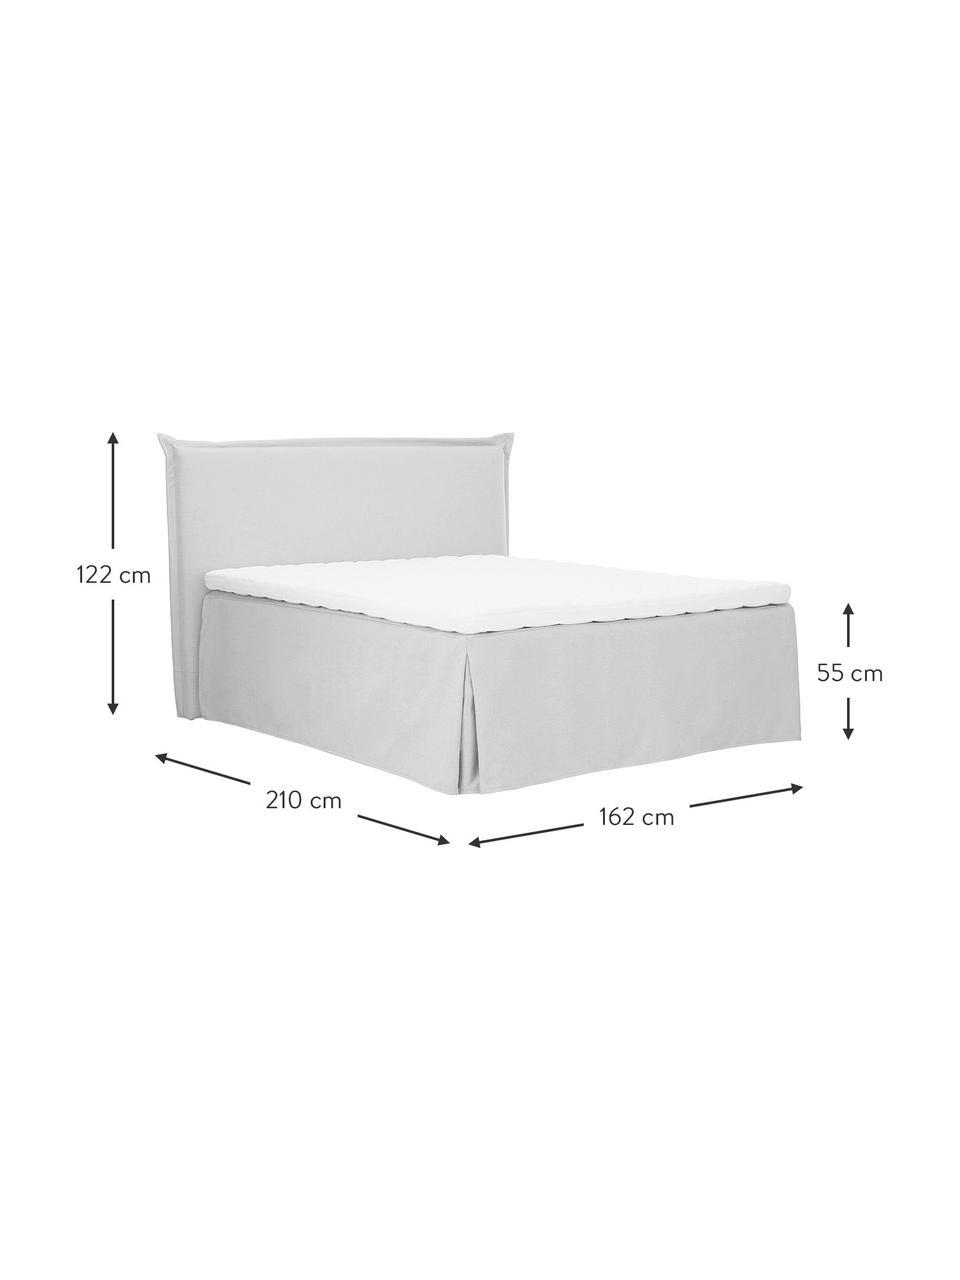 Łóżko kontynentalne premium Violet, Nogi: lite drewno brzozowe, lak, Jasny białoszary, 160 x 200 cm